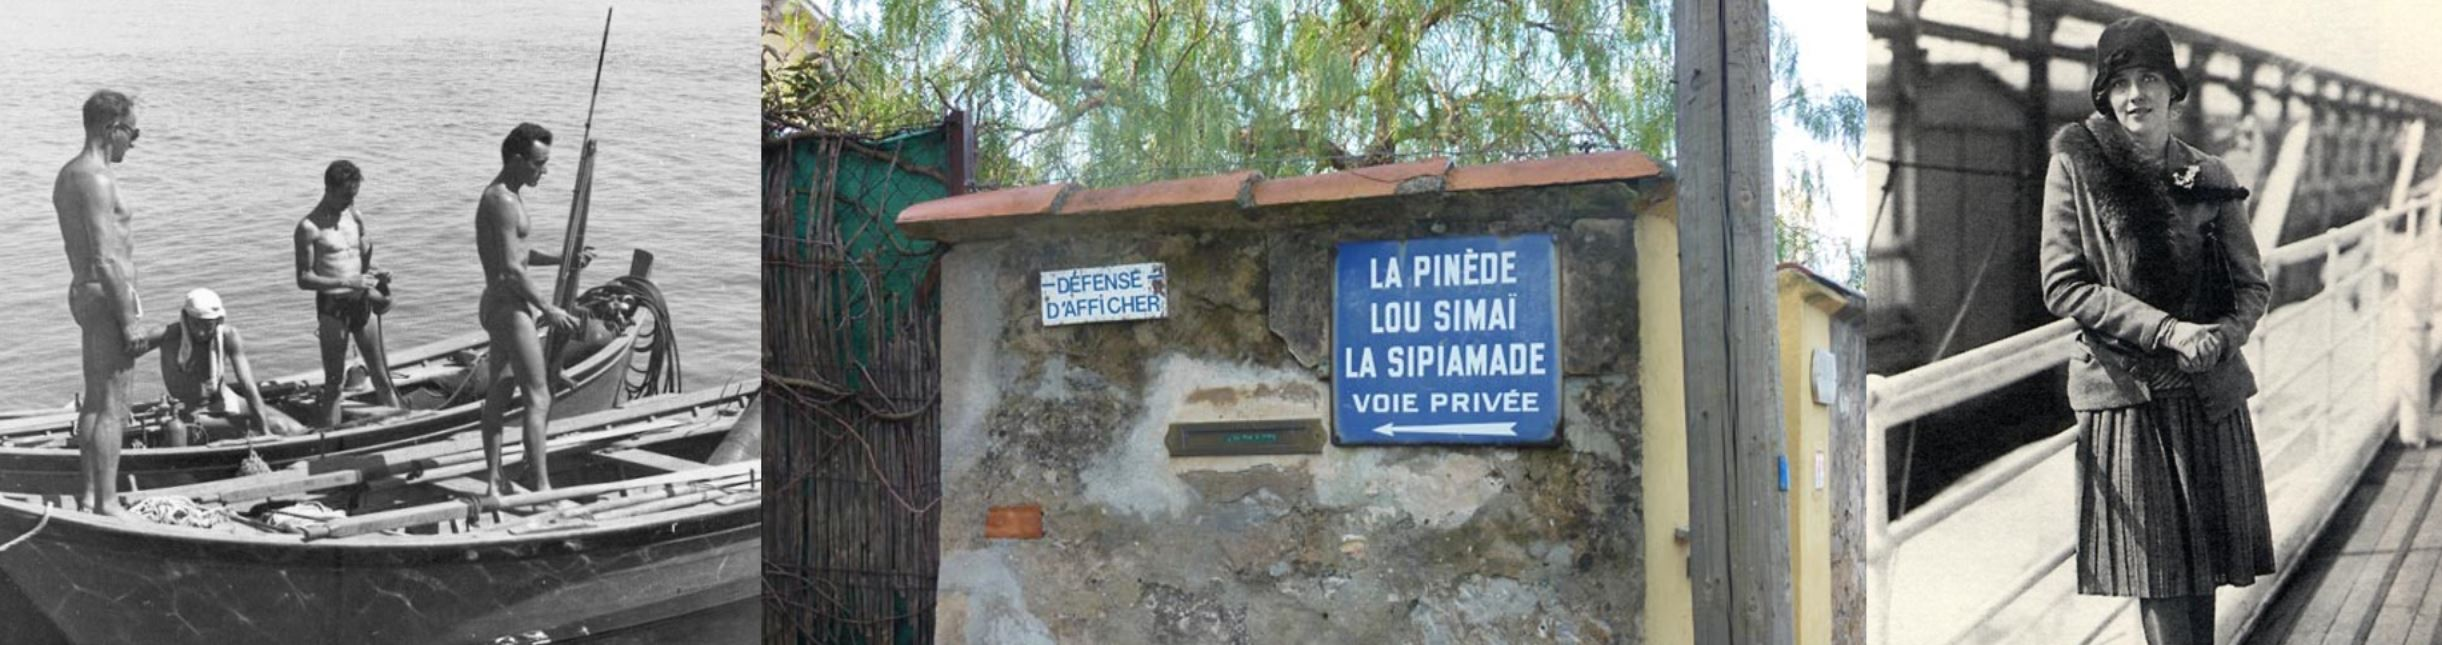 Marseille autrement - Office de tourisme sanary sur mer 83110 ...